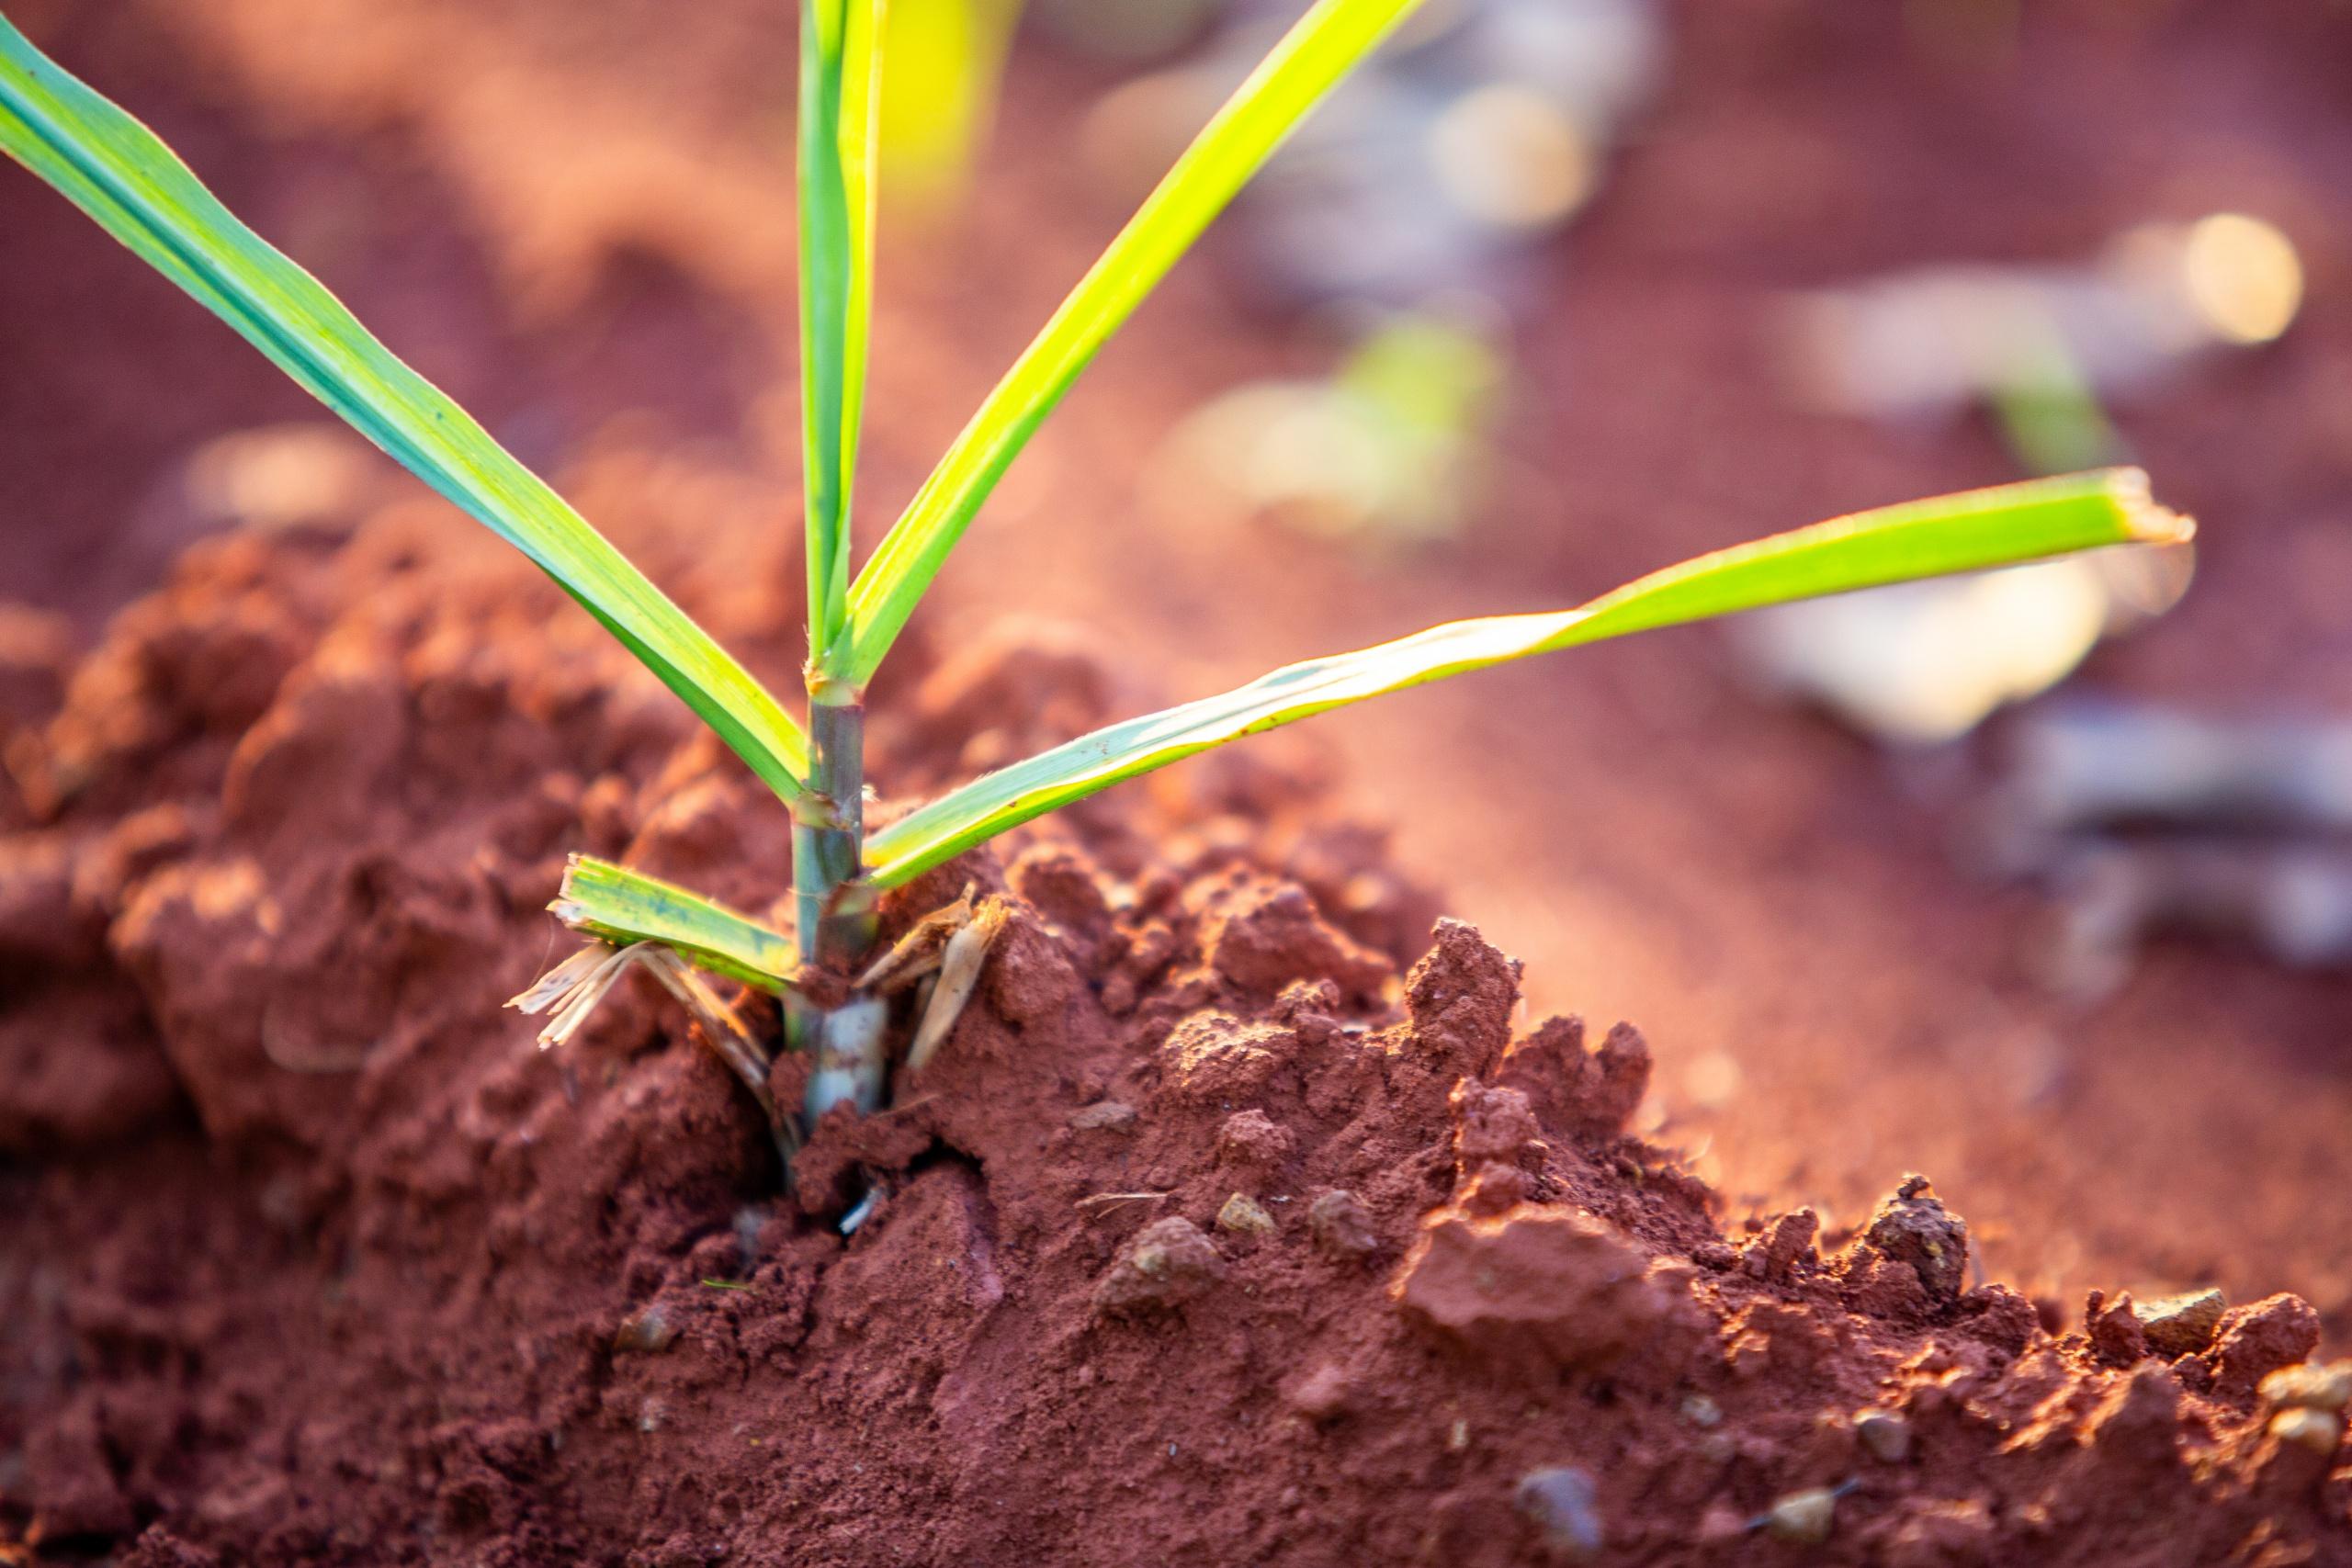 Opinião – Bioenergia e bioeconomia: é preciso manter o rumo certo